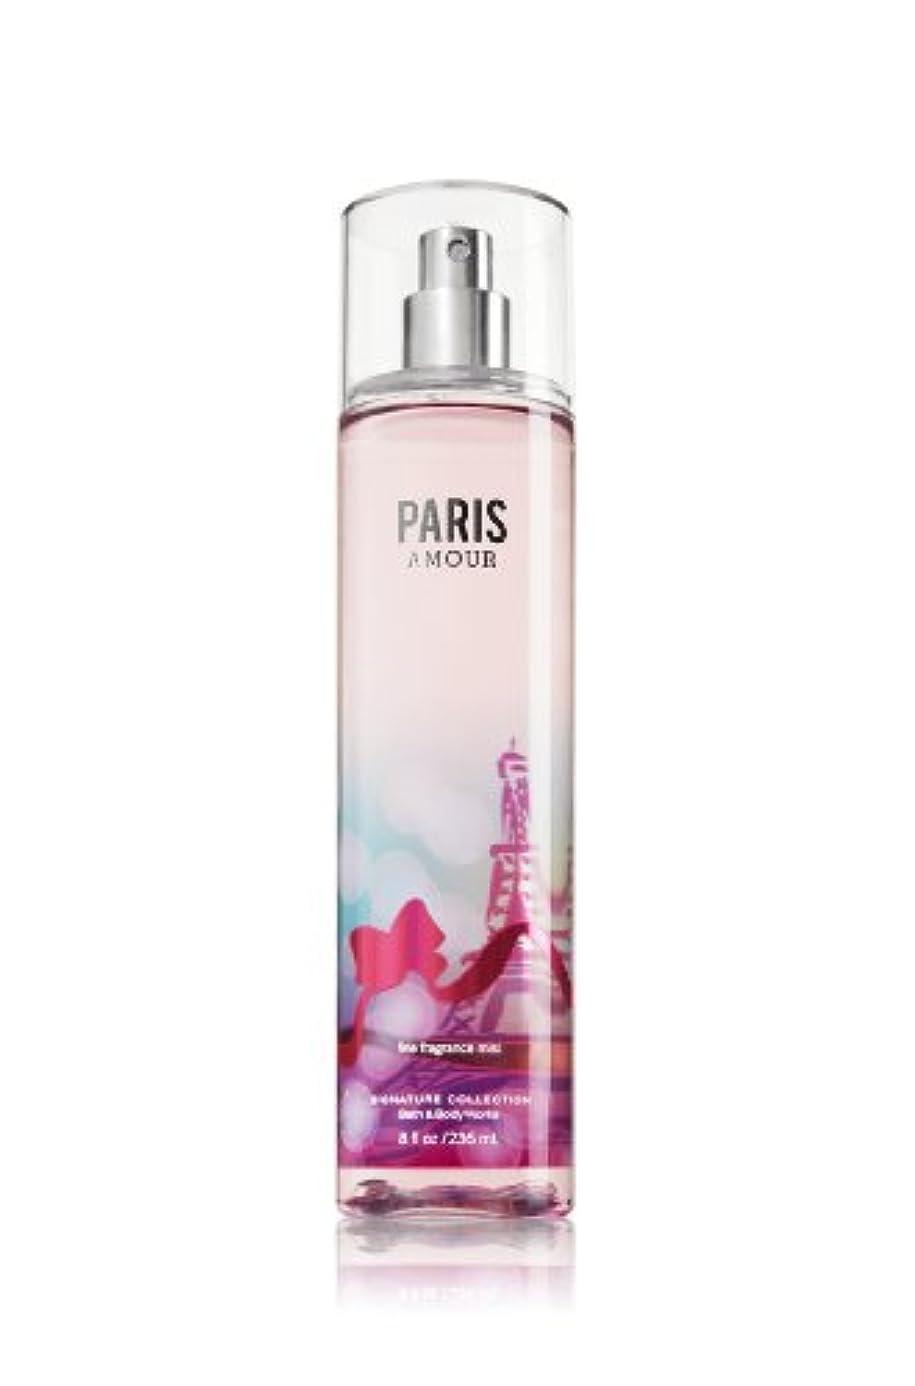 環境に優しい忌まわしいどちらか【バス&ボディワークス】 Fine Fragrance Mist/ファインフレグランスミスト Paris Amour [並行輸入品]